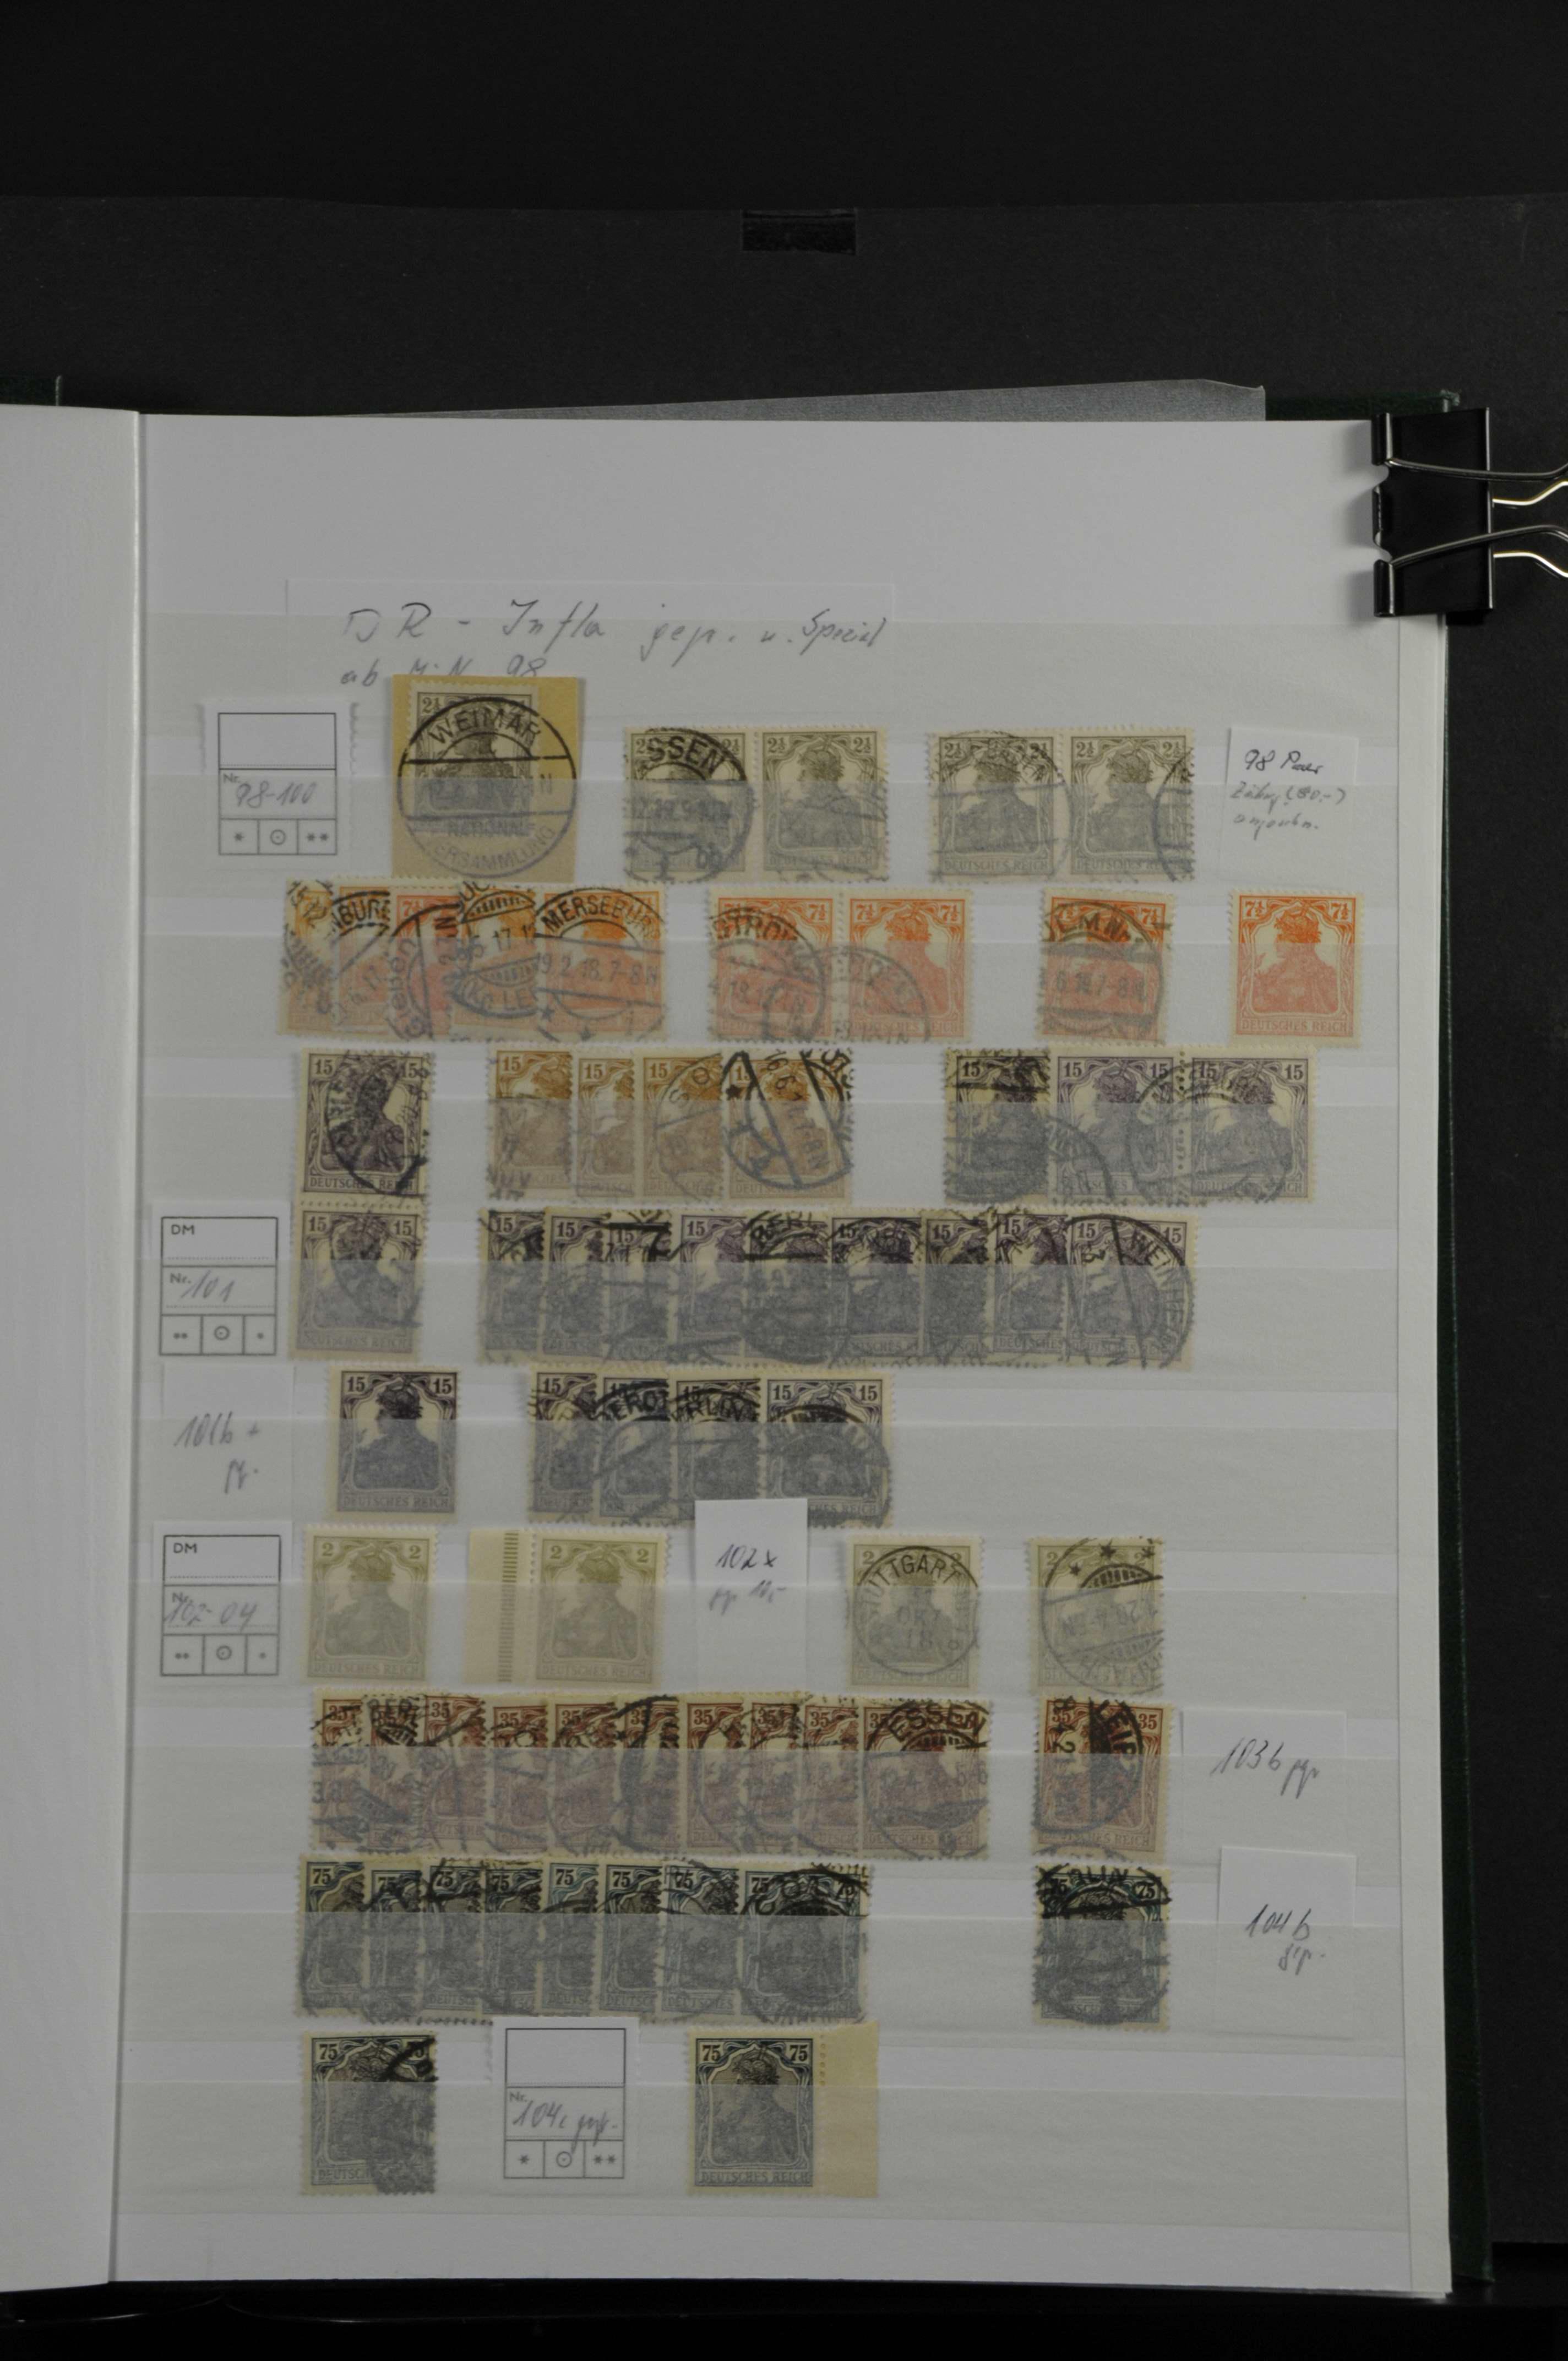 Lot 7002 - Nachlässe, Kartonabteilung  -  Auktionshaus Ulrich Felzmann GmbH & Co. KG